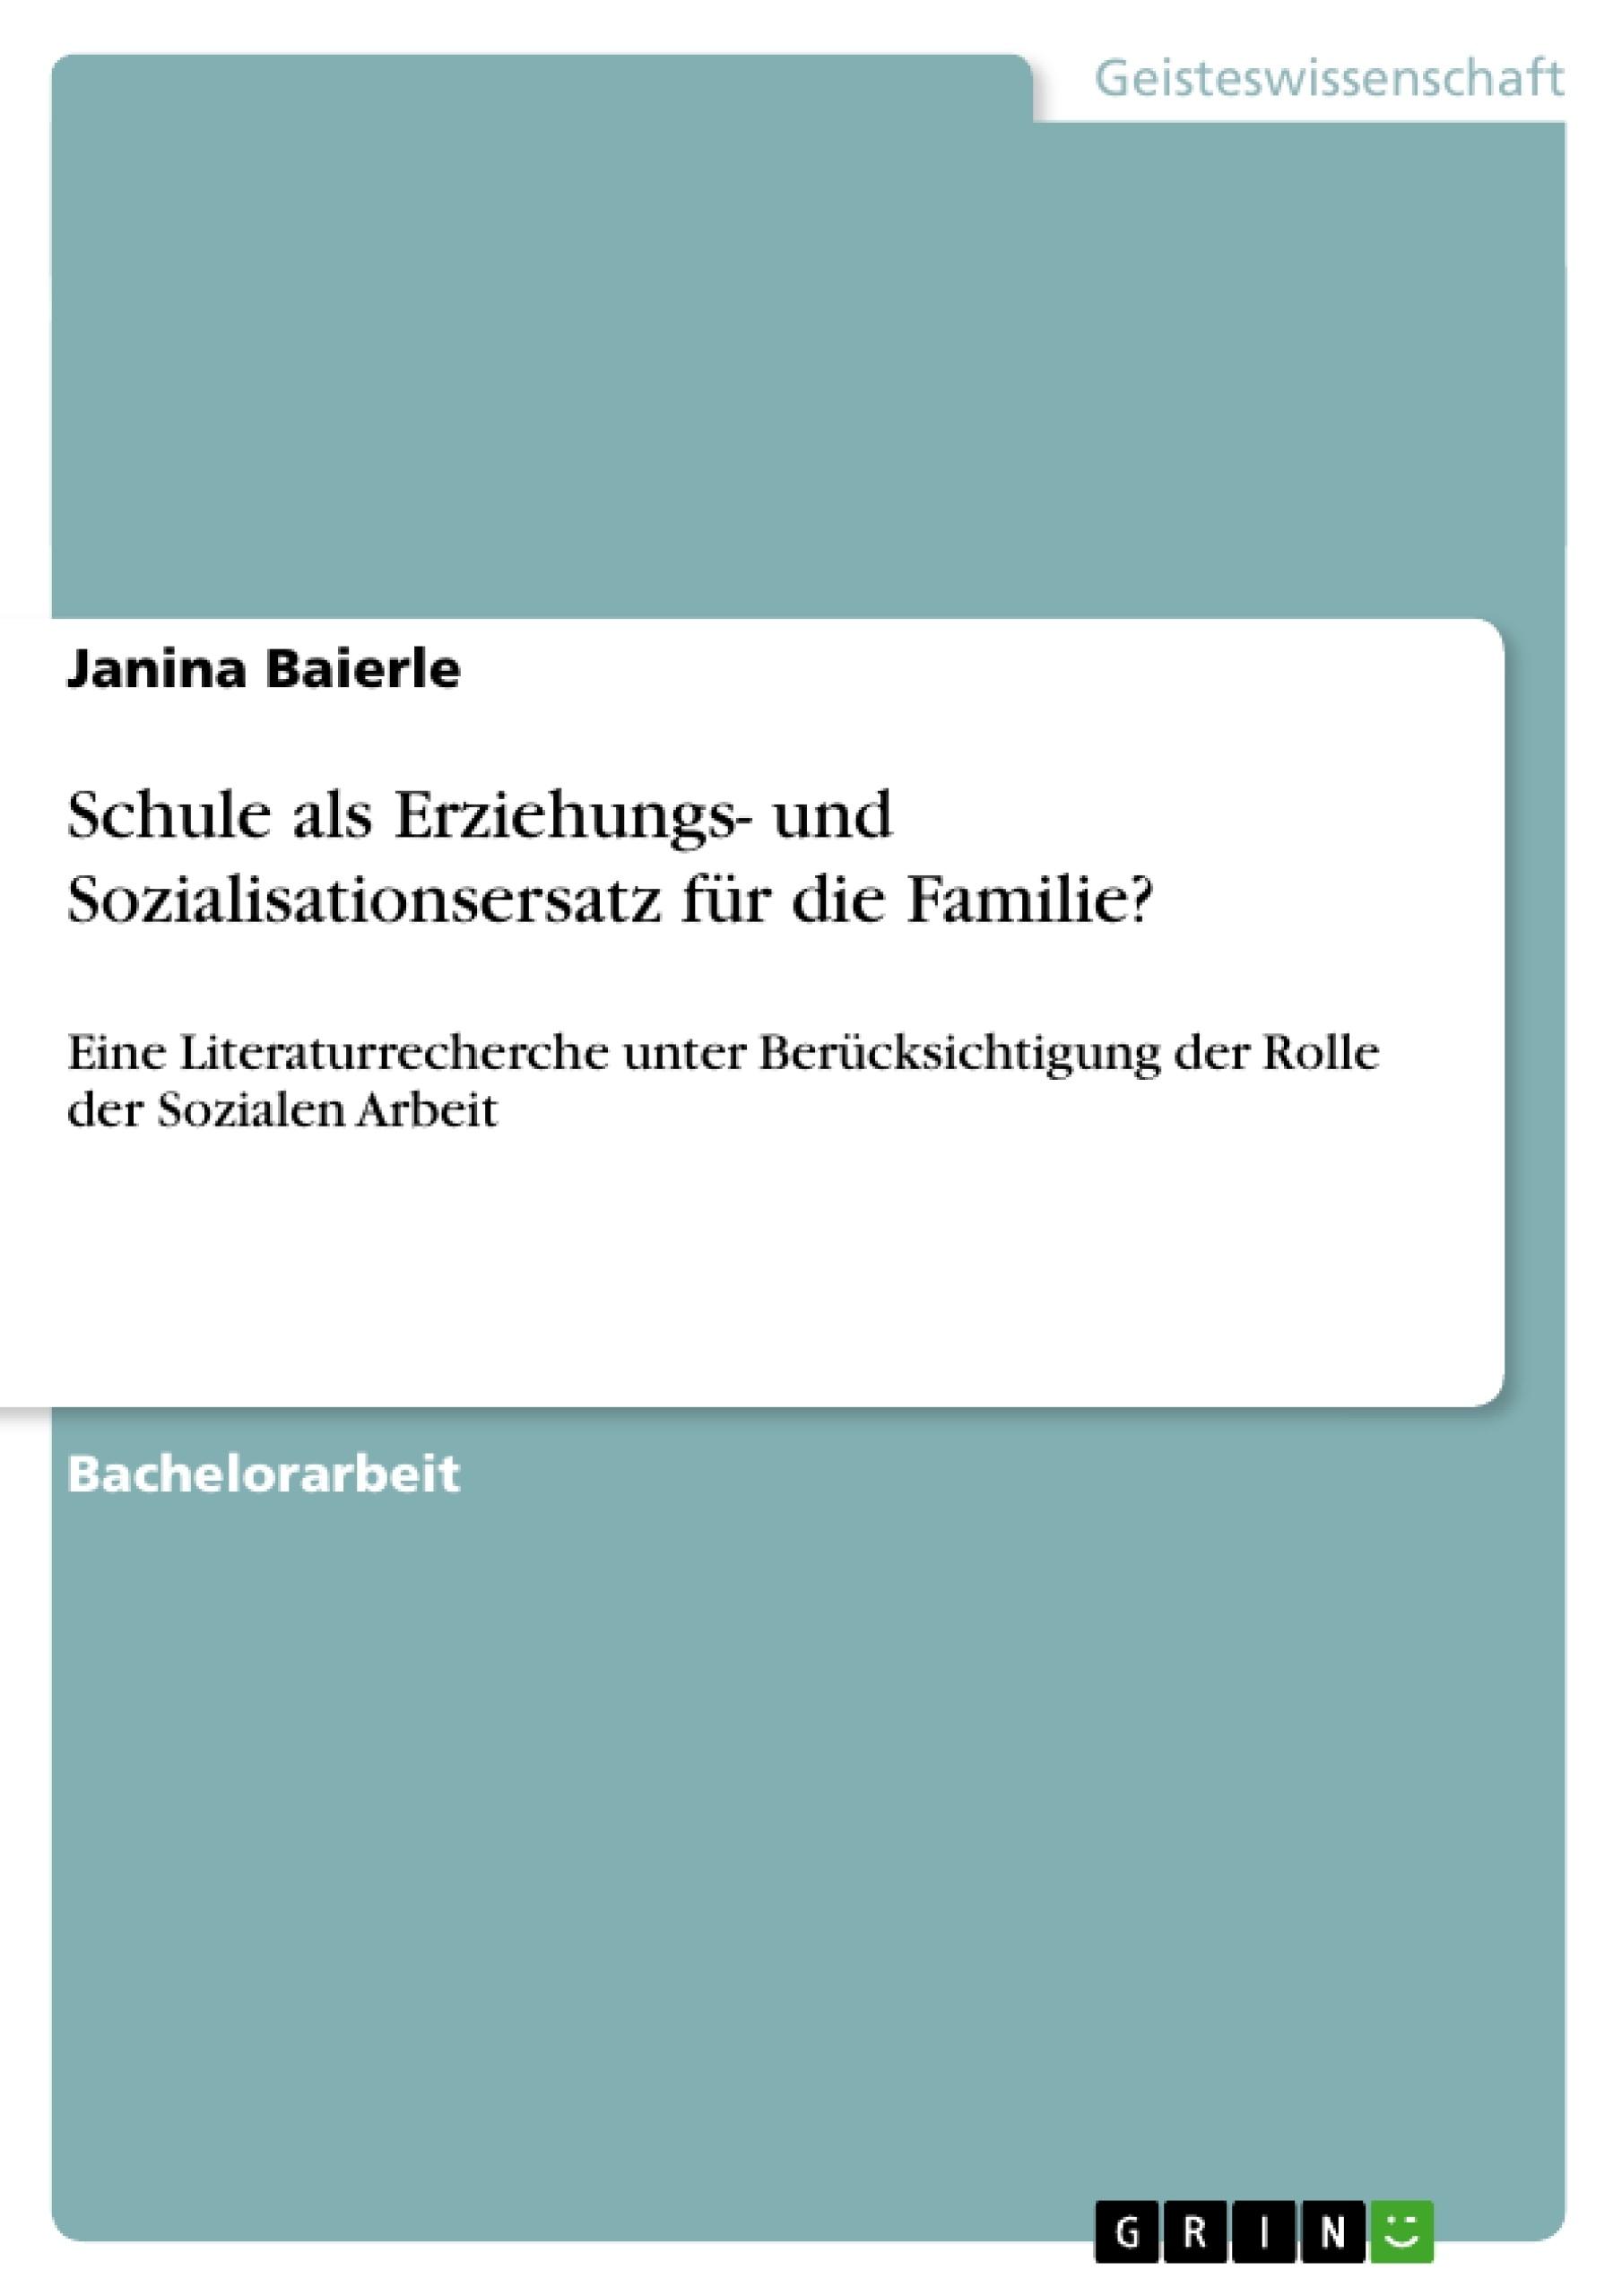 Titel: Schule als Erziehungs- und Sozialisationsersatz für die Familie?